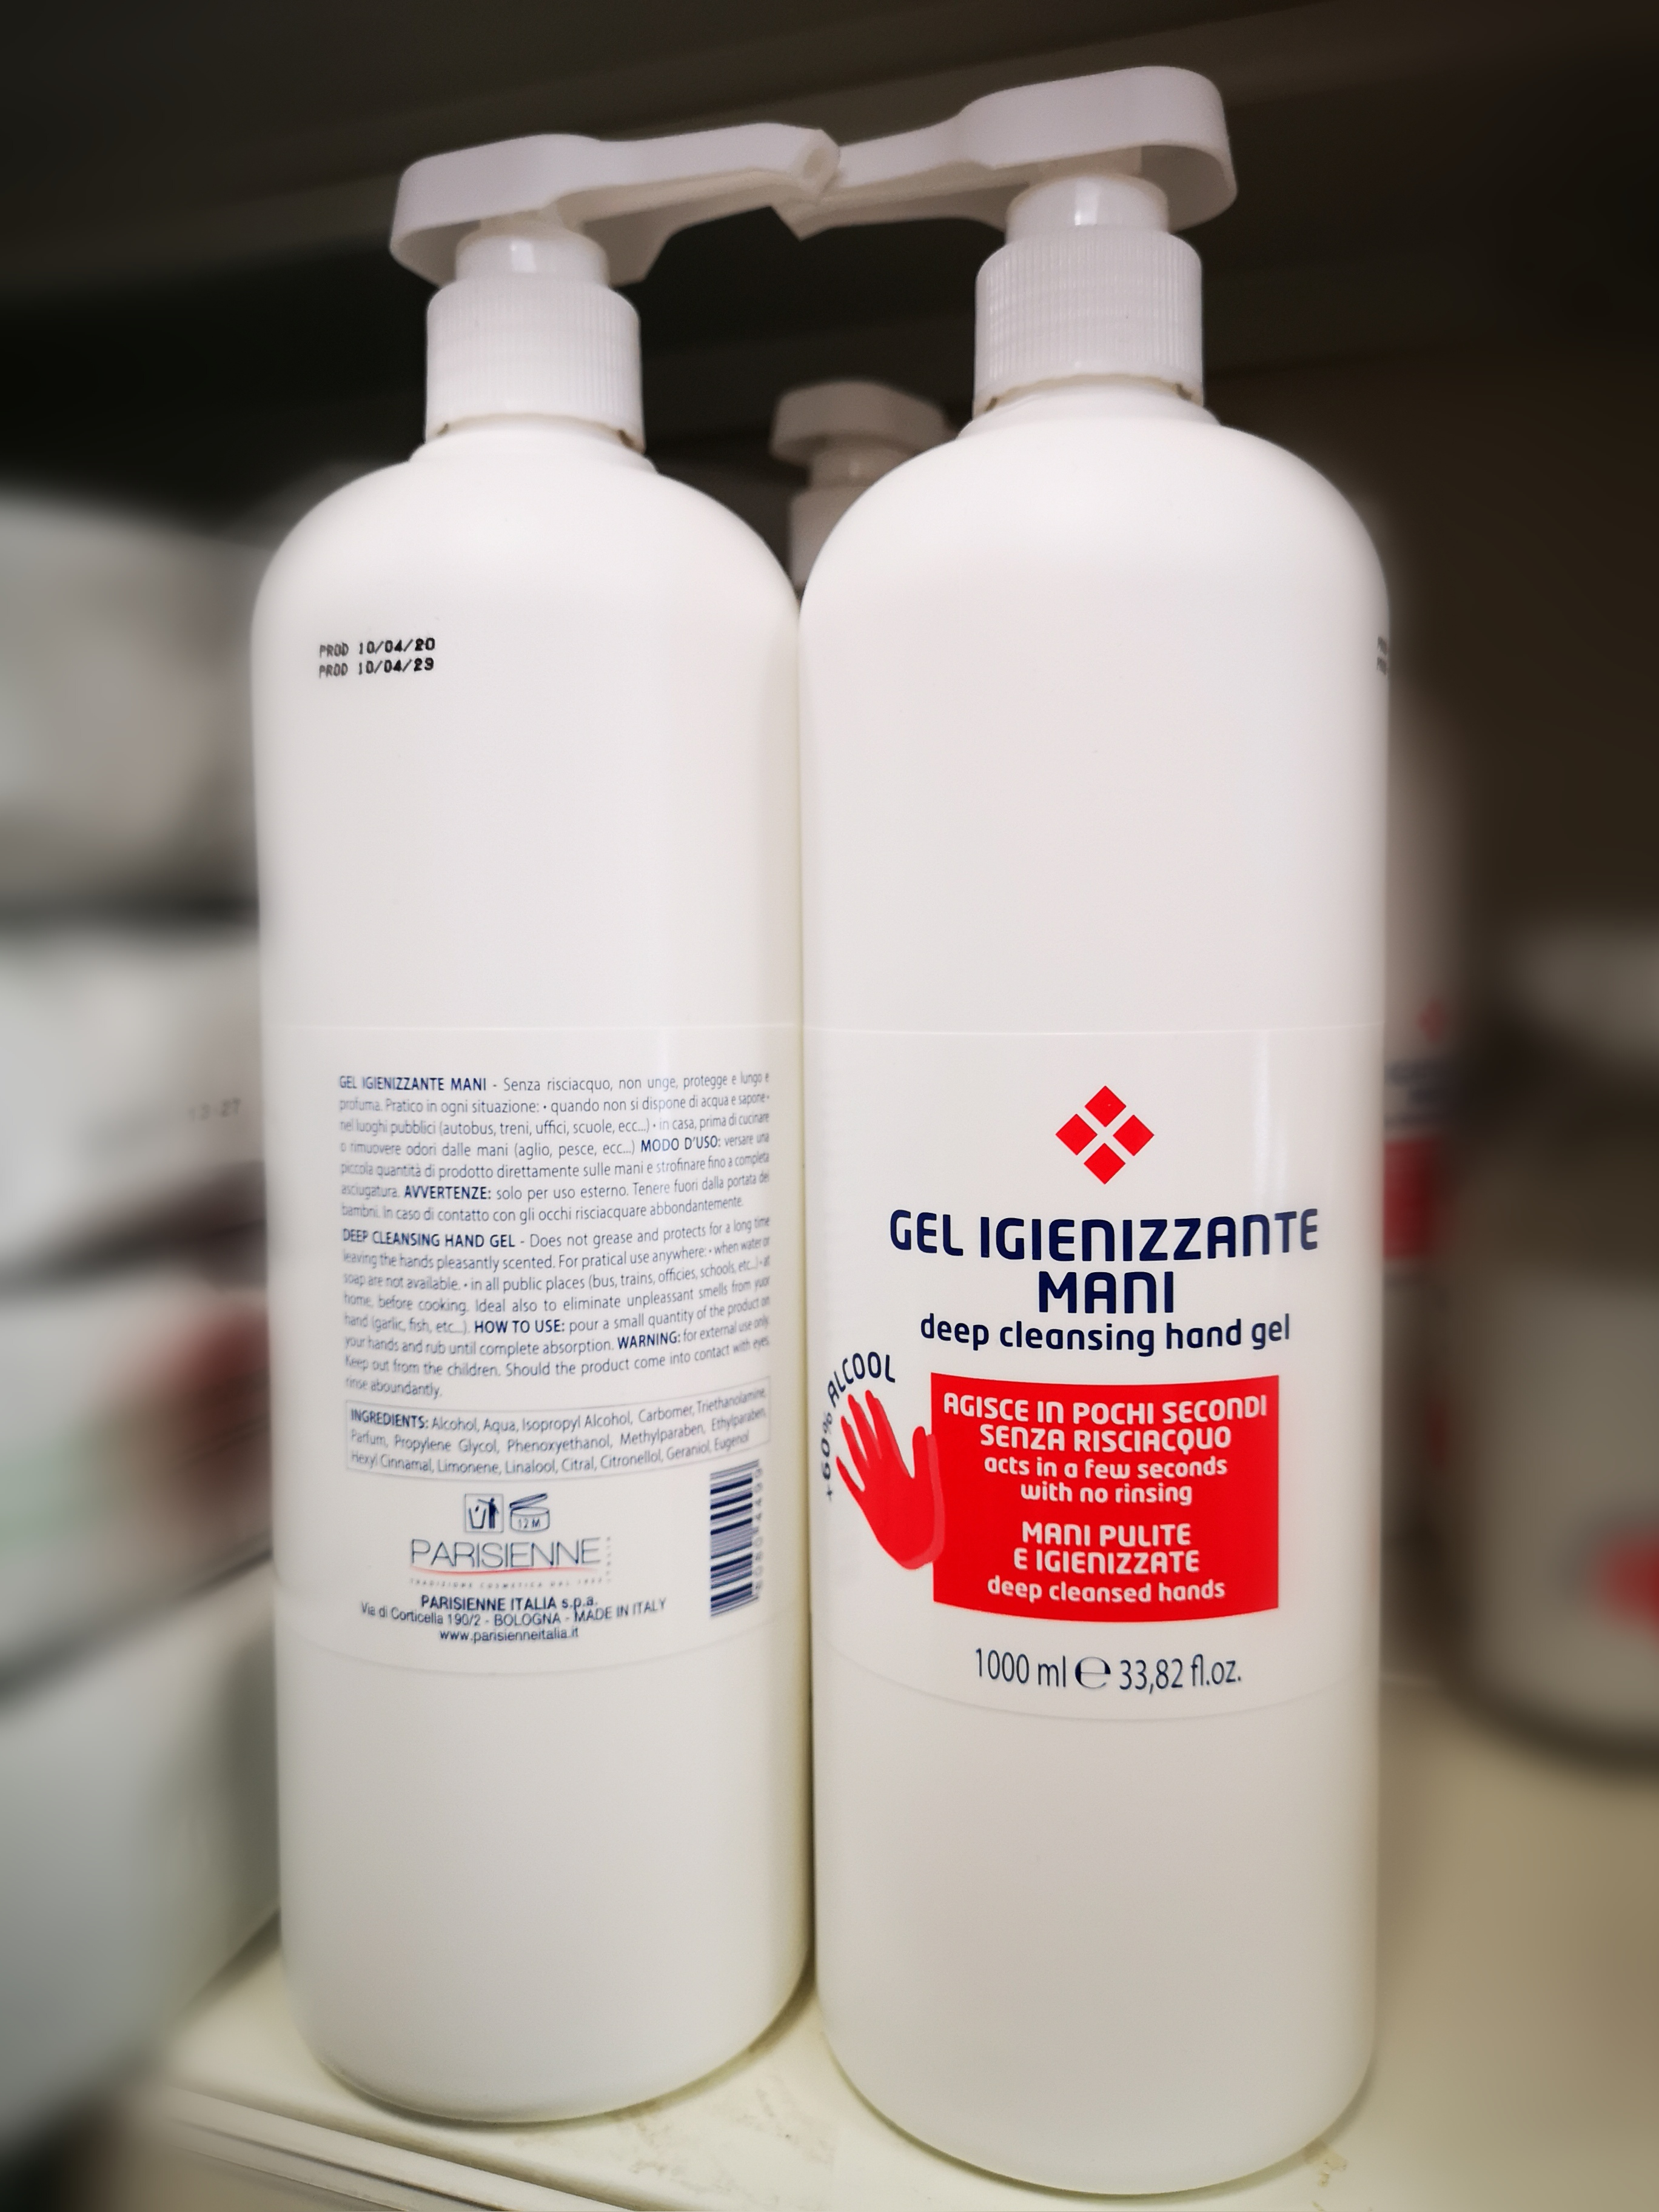 PARISIENNE - gel igienizzante mani 1000ml